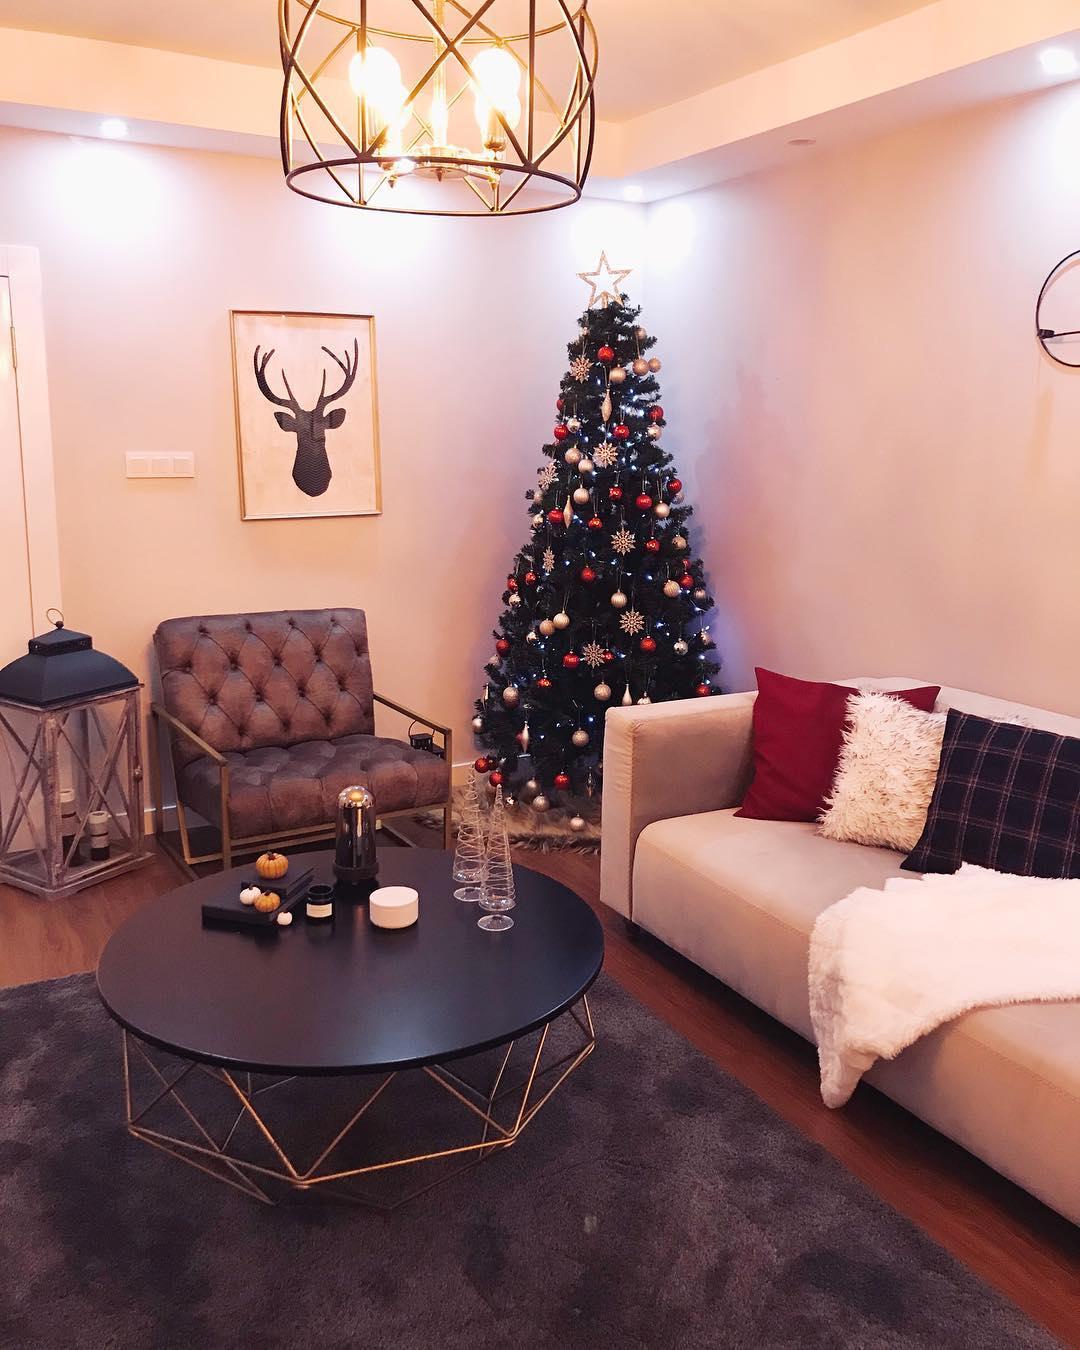 Decoração de natal para sala simples com árvore e quadro decorativo.